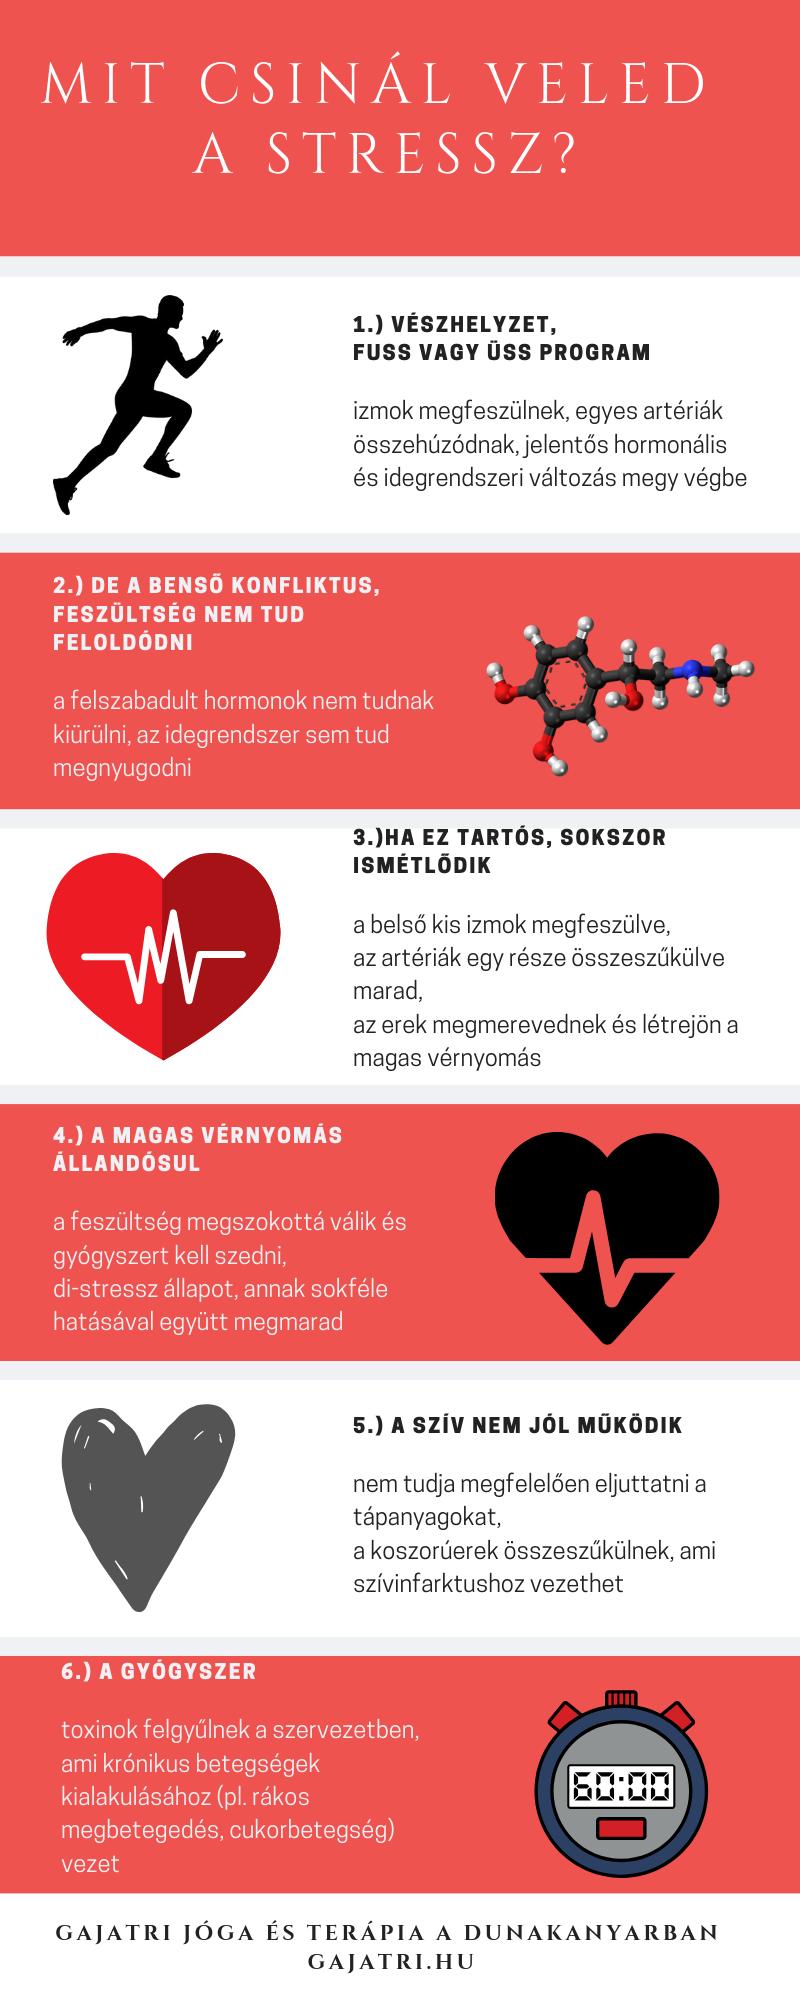 az angina magas vérnyomás hogyan lehet gyógyítani a magas vérnyomást és a szívet